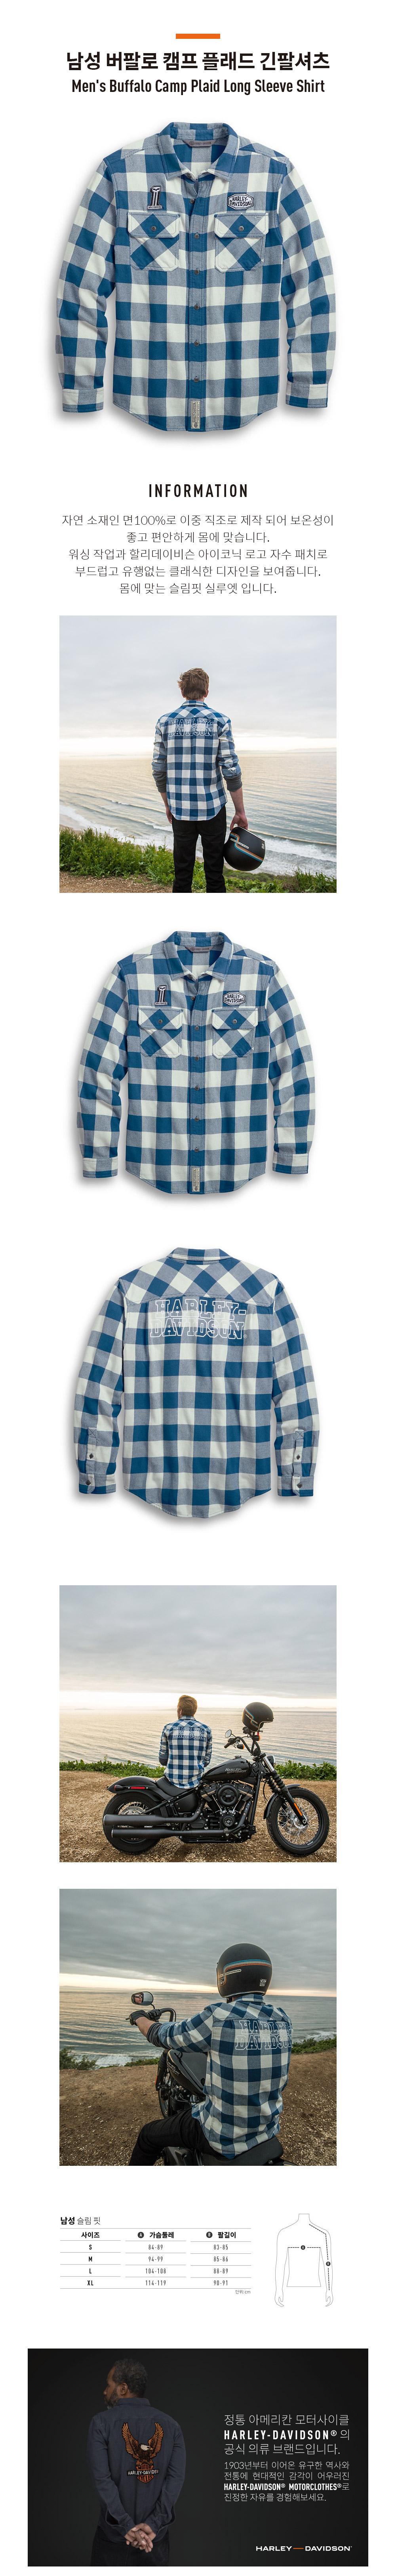 남성 버팔로 캠프 플래드 긴팔셔츠